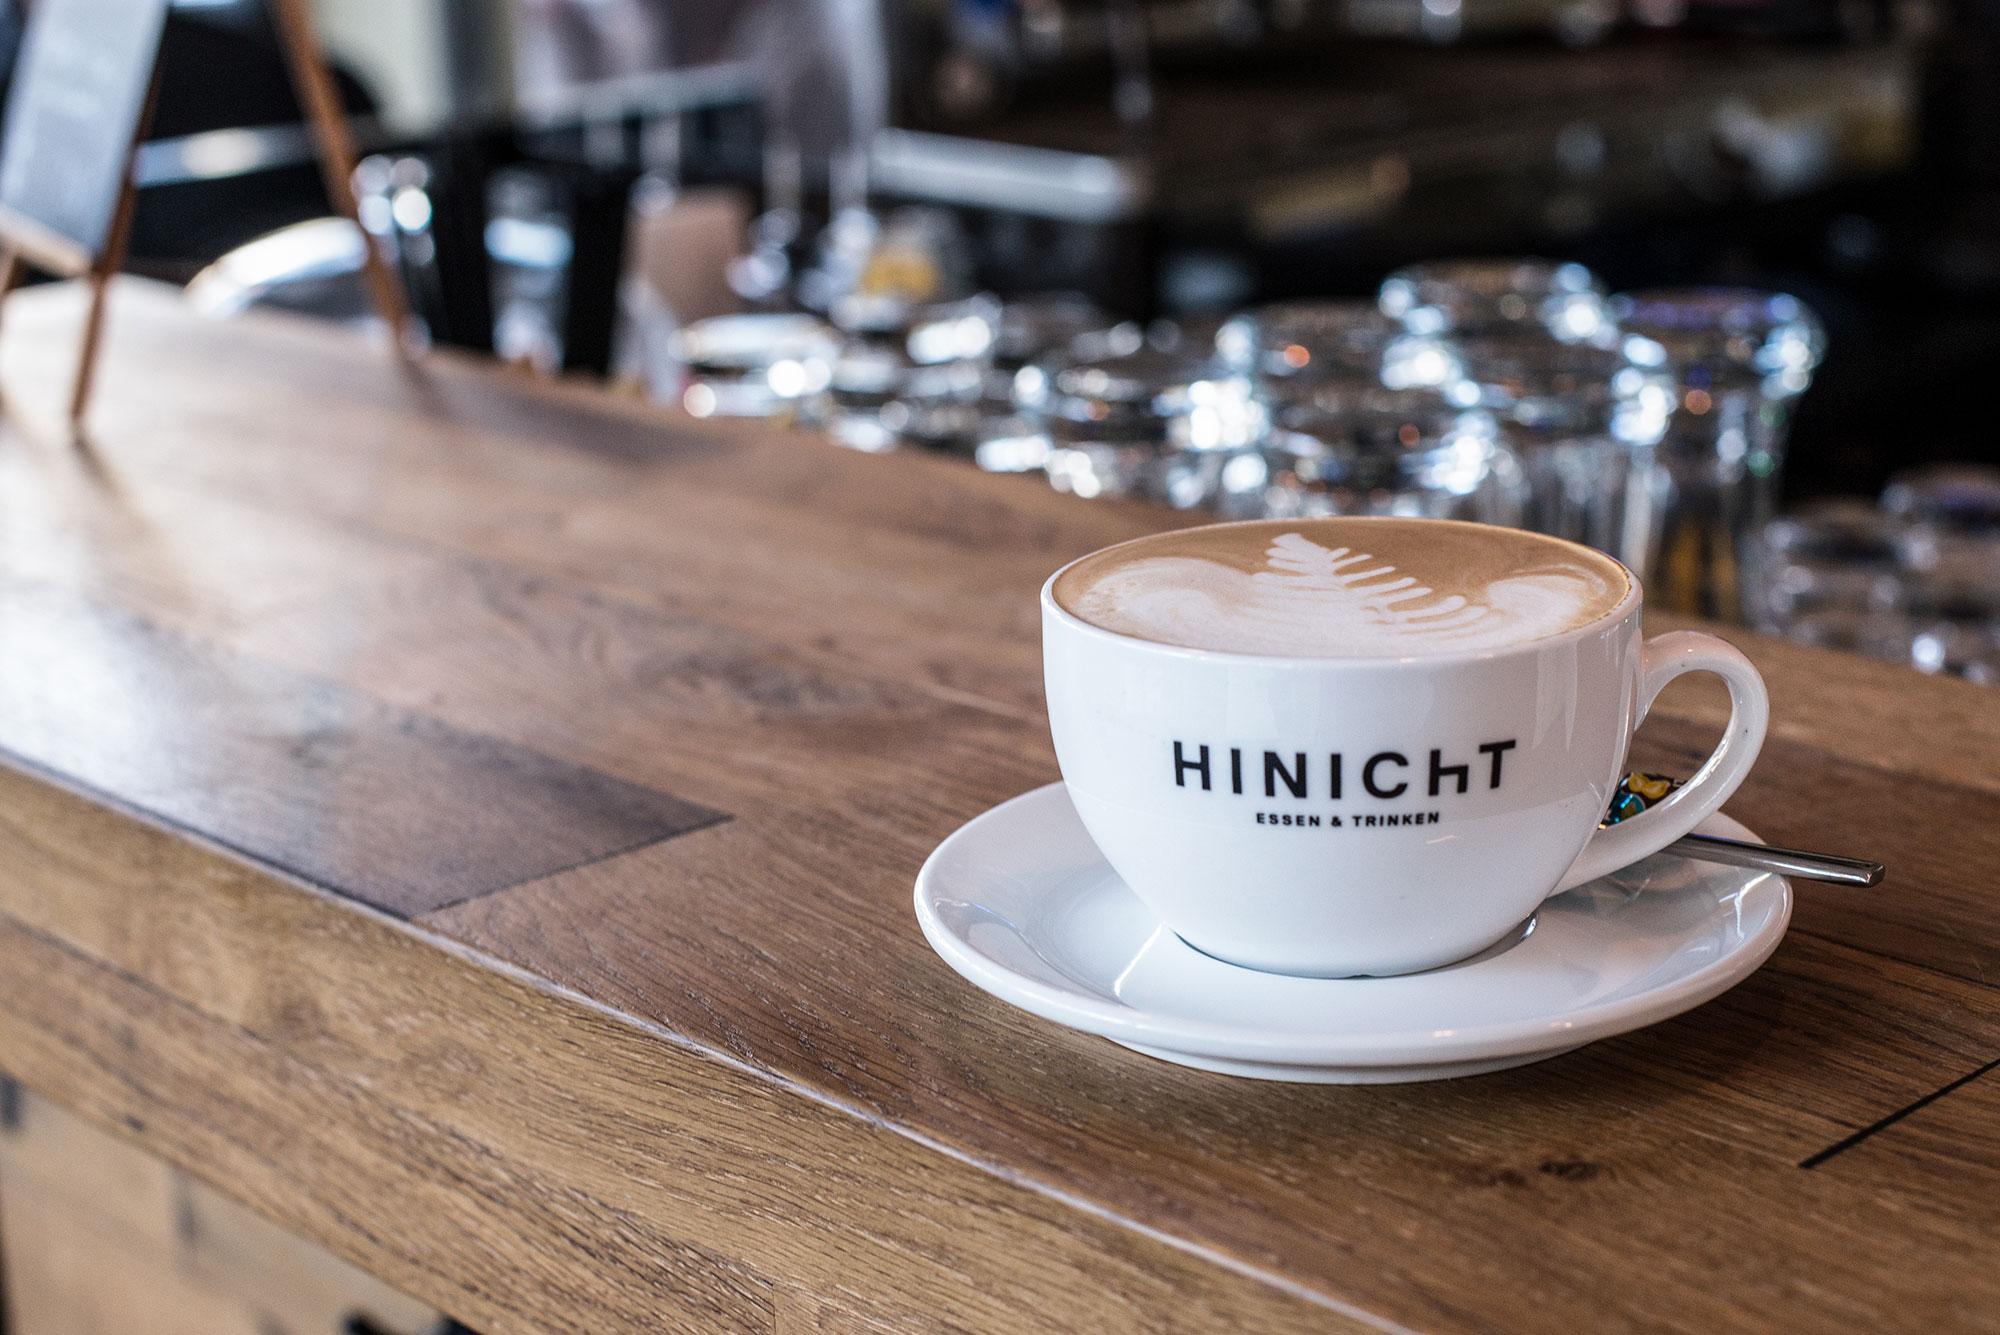 Hinicht-Luzern